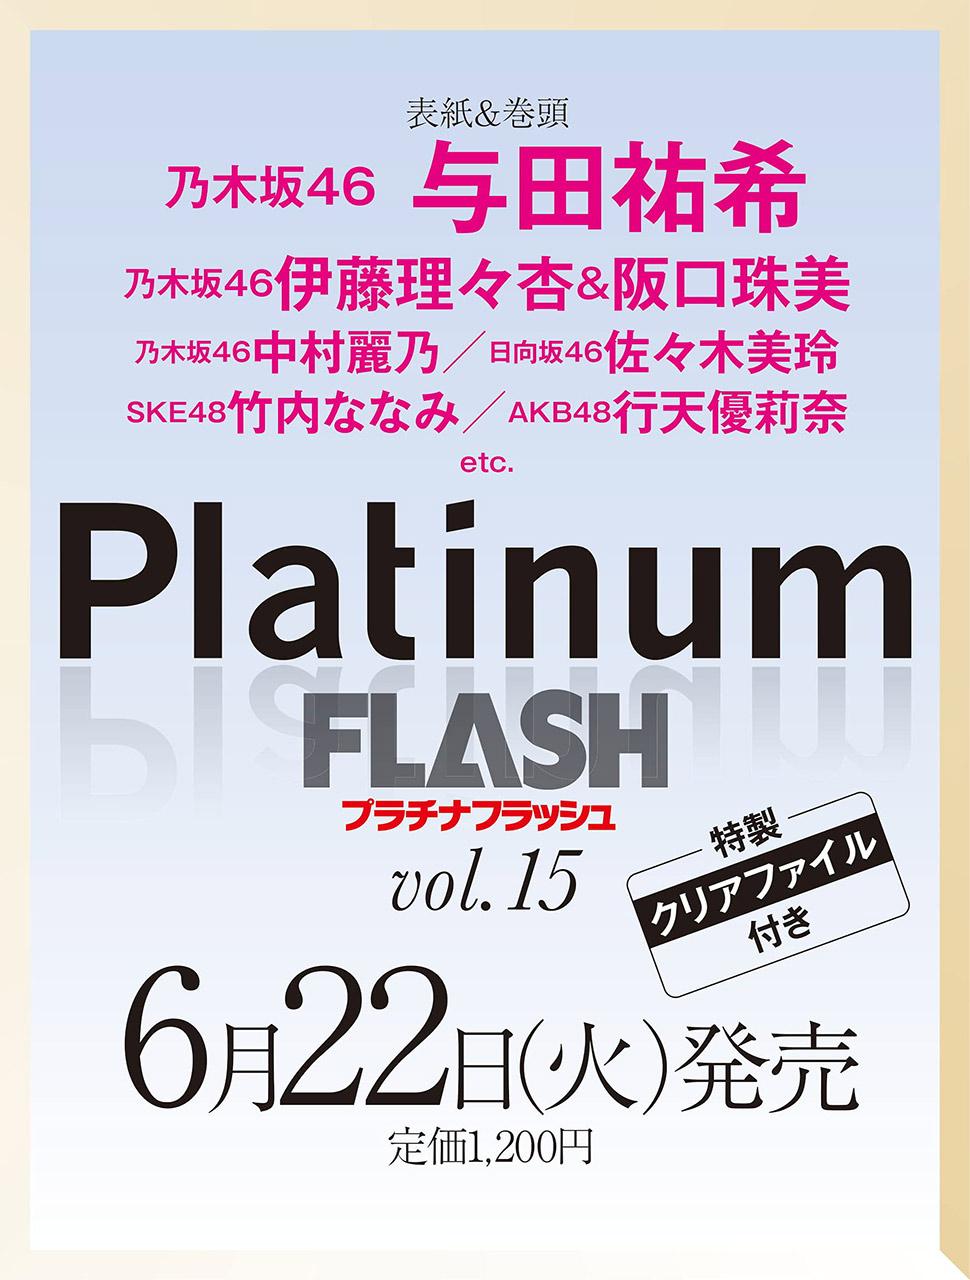 Platinum FLASH vol.15